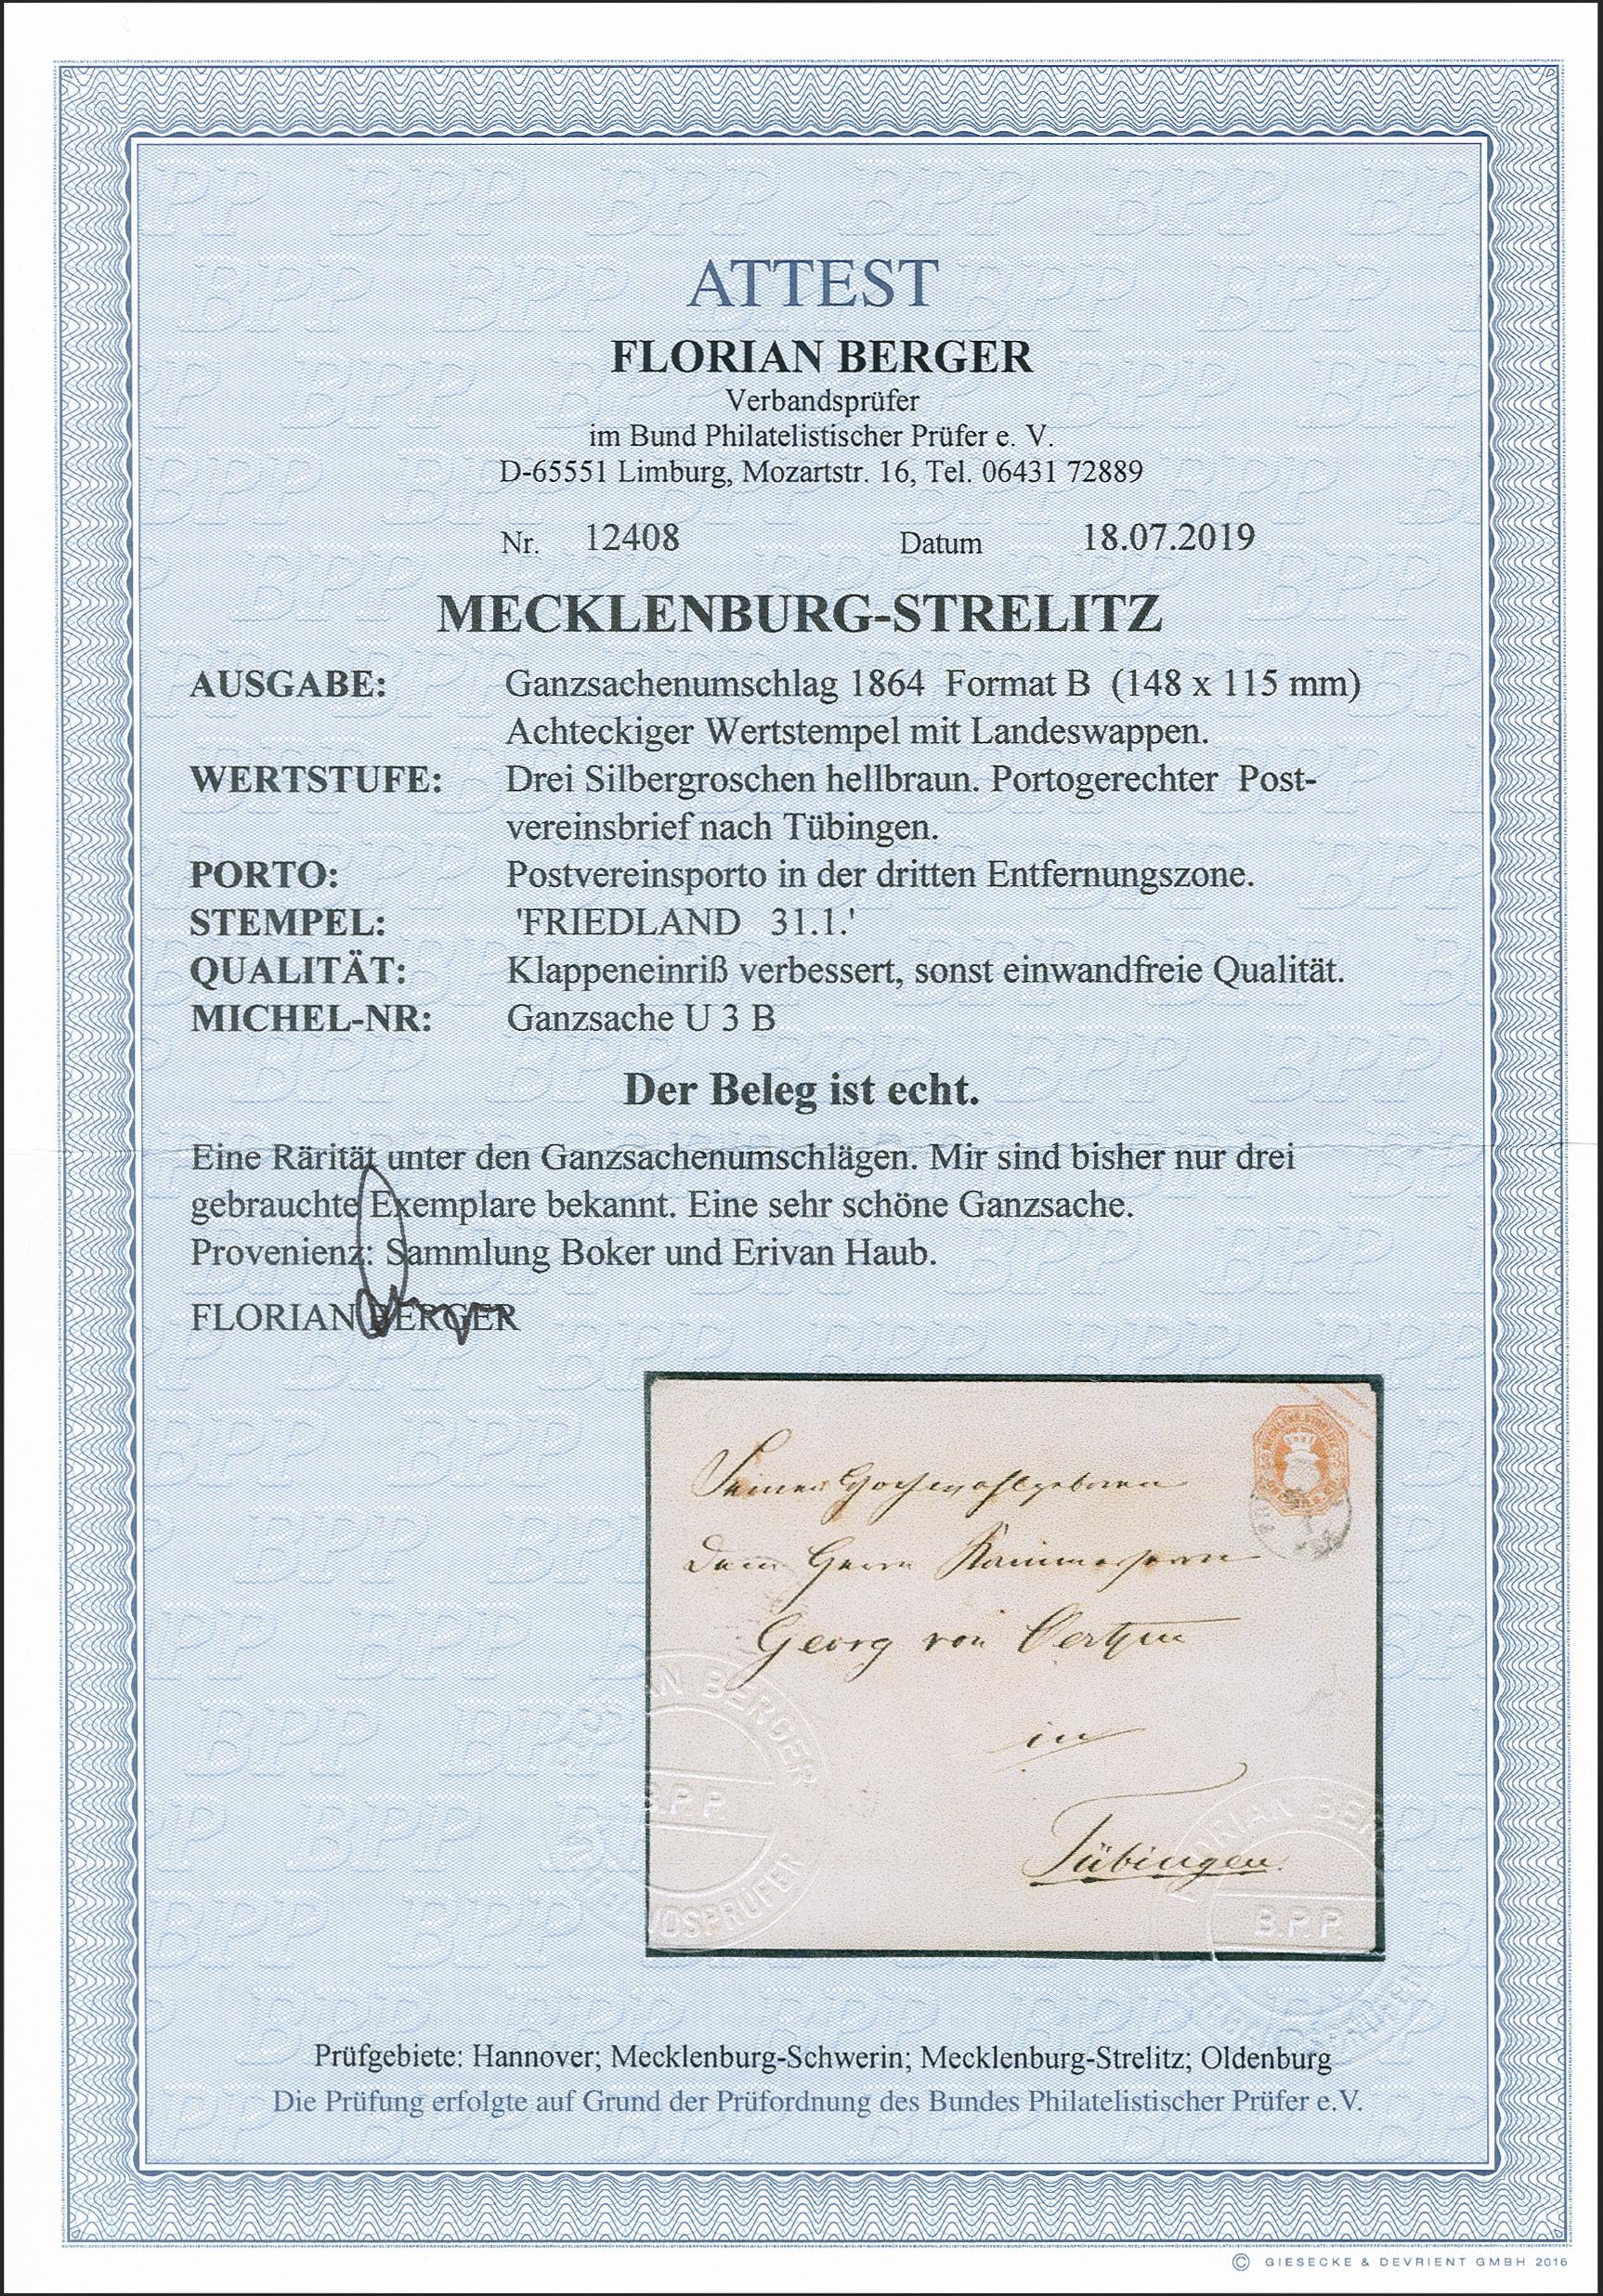 Lot 135 - mecklenburg-strelitz Mecklenburg-Strelitz - postal stationary -  Heinrich Koehler Auktionen 372nd Auction - The ERIVAN Collection